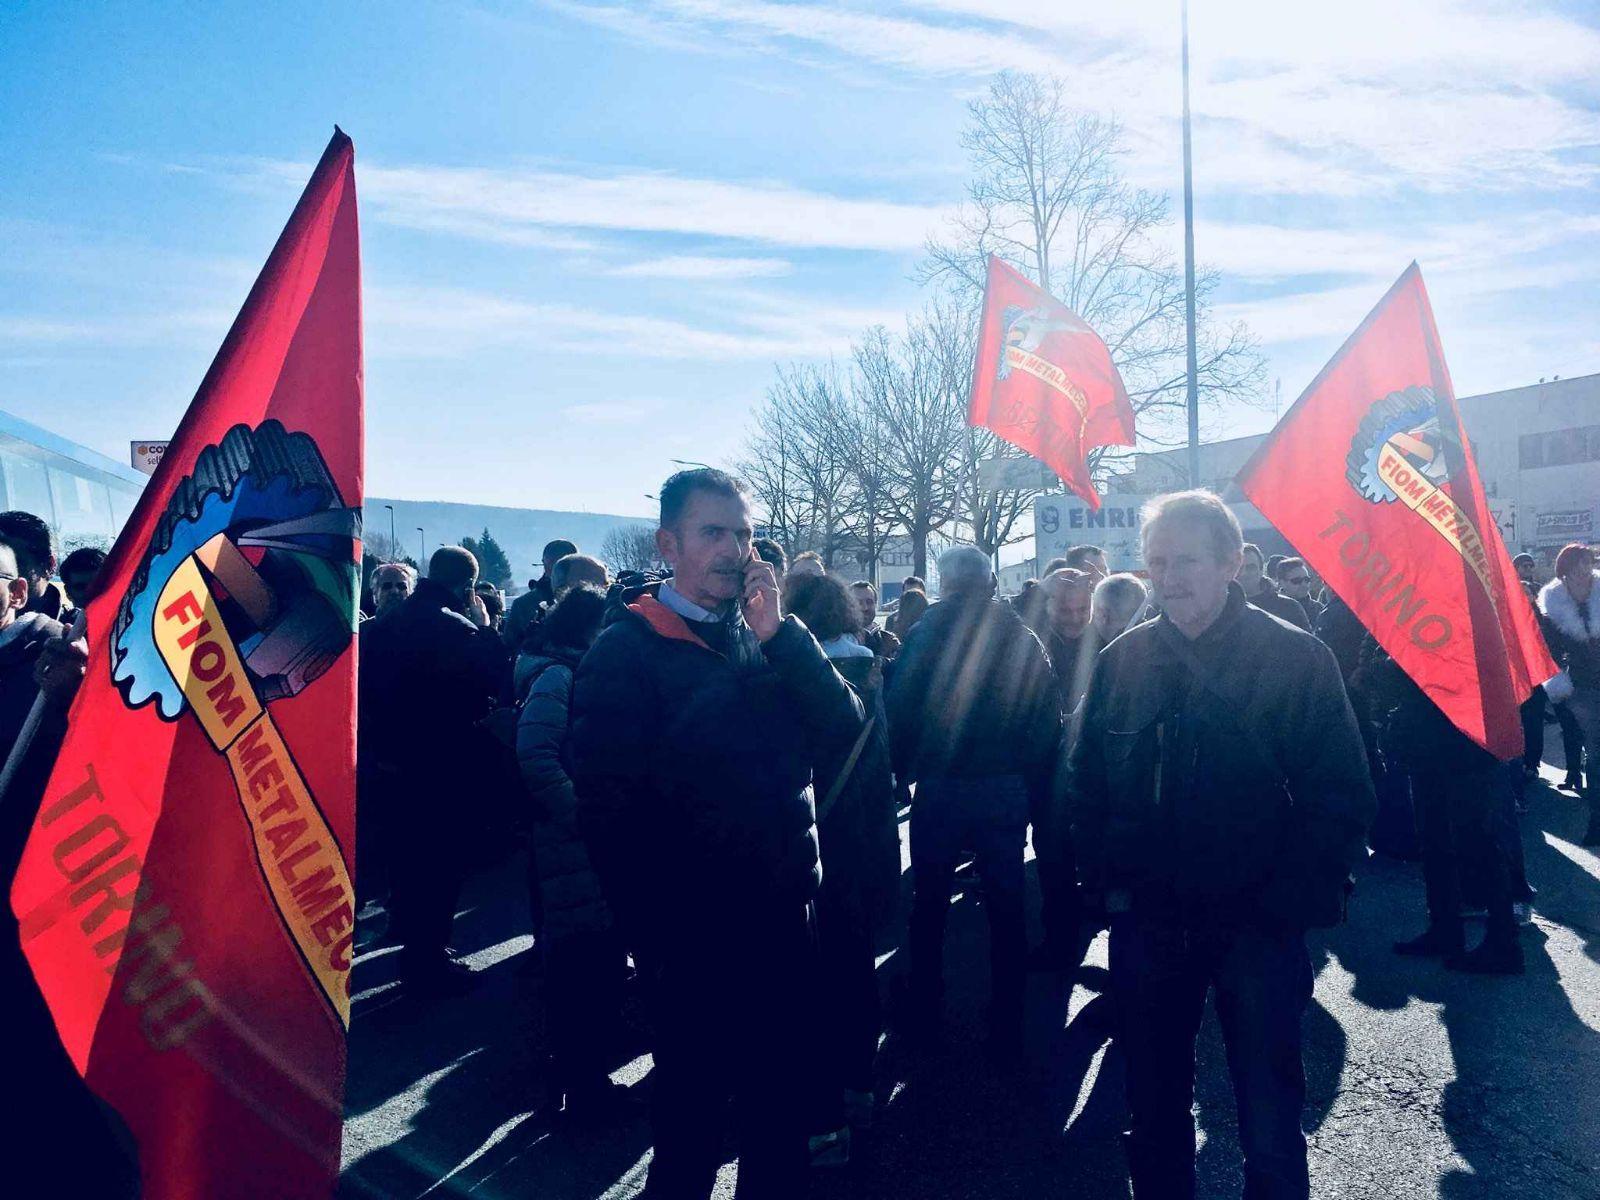 IVREA - Licenziamento per 103 lavoratori: oggi presidio in Confindustria